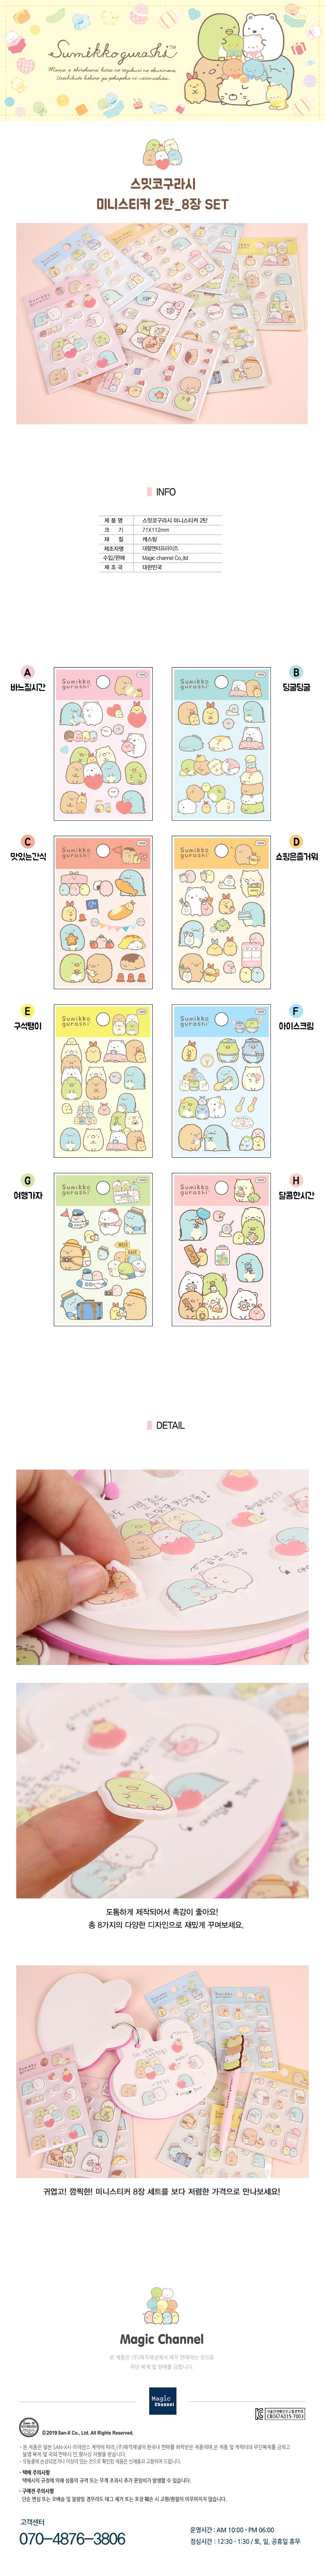 [스밋코구라시] 미니스티커2 세트(8TYPE) - 매직채널, 8,000원, 스티커, 캐릭터스티커